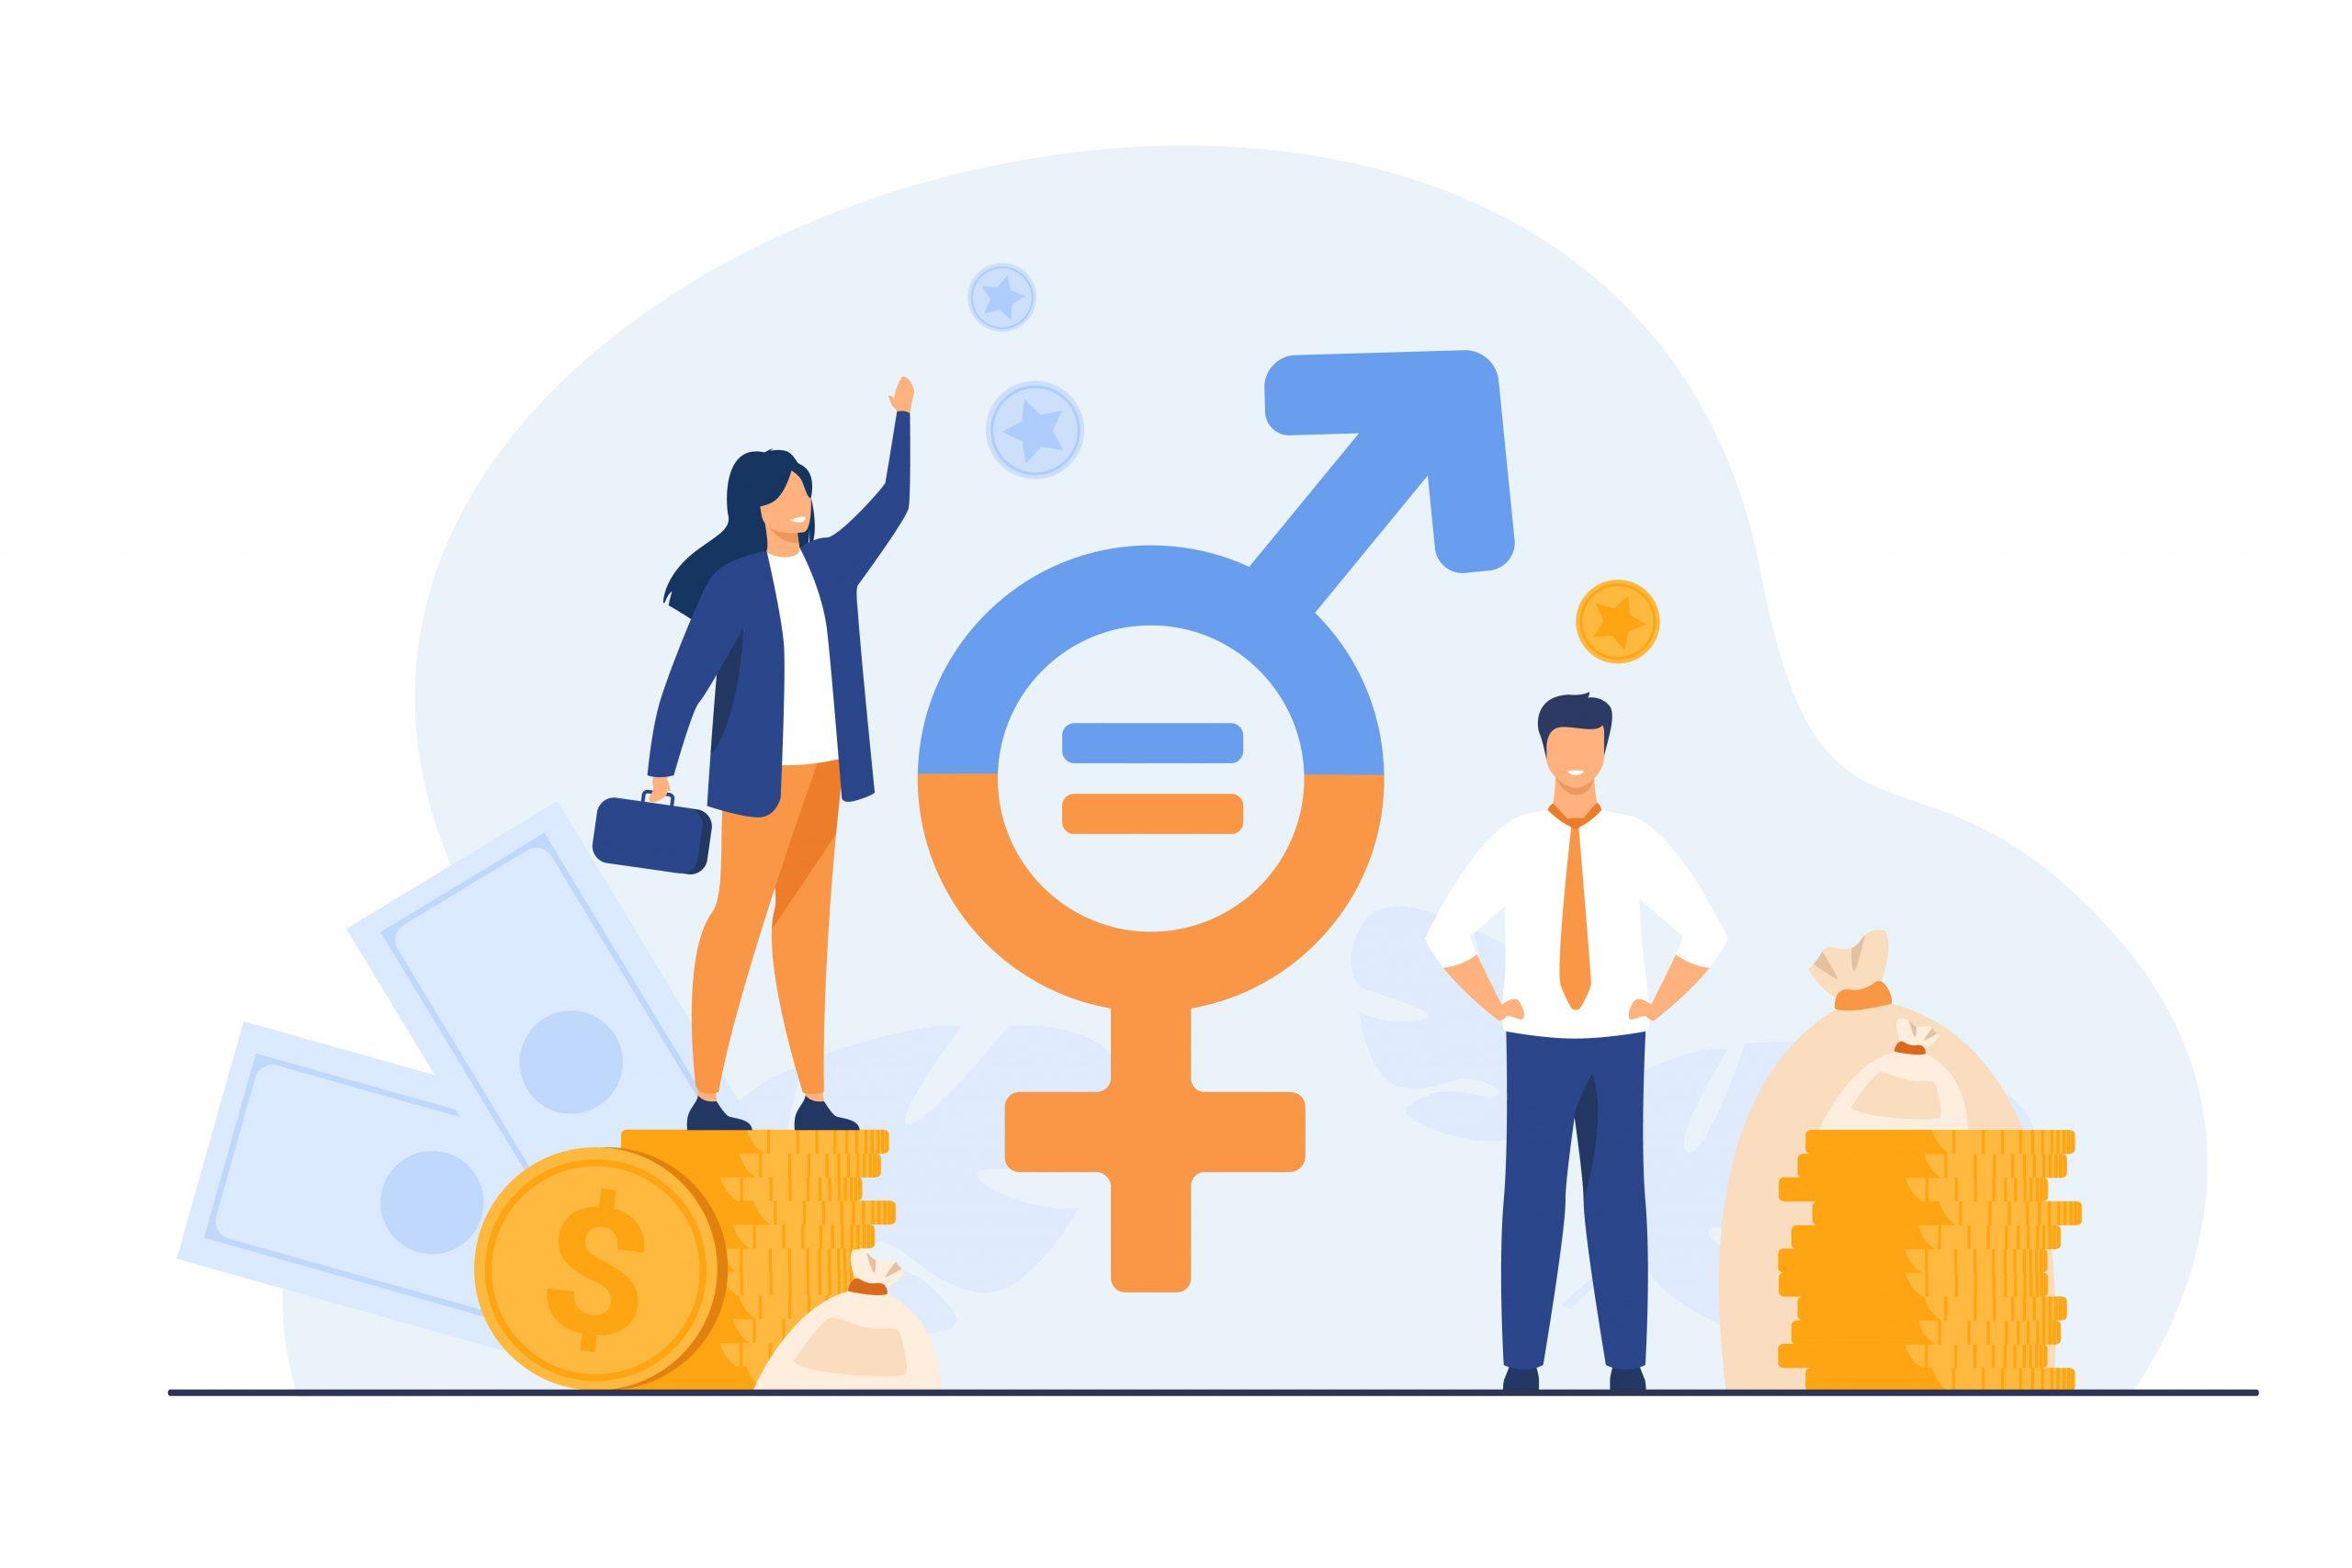 Net Reviews et l'index égalité femmes-hommes